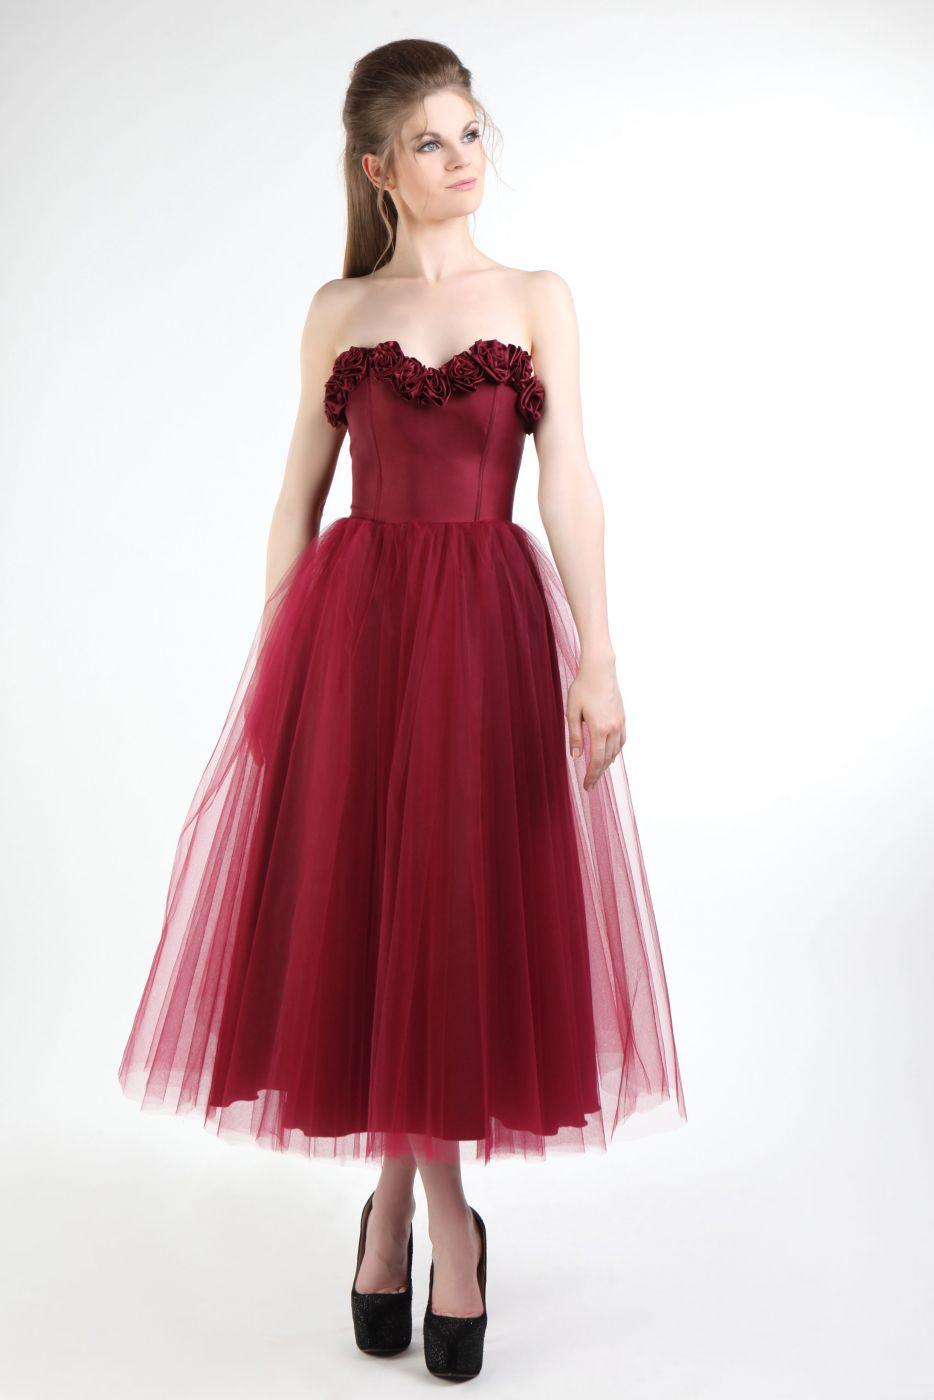 abendkleid in bordeaux mit kleinen Rosen - Kleiderfreuden